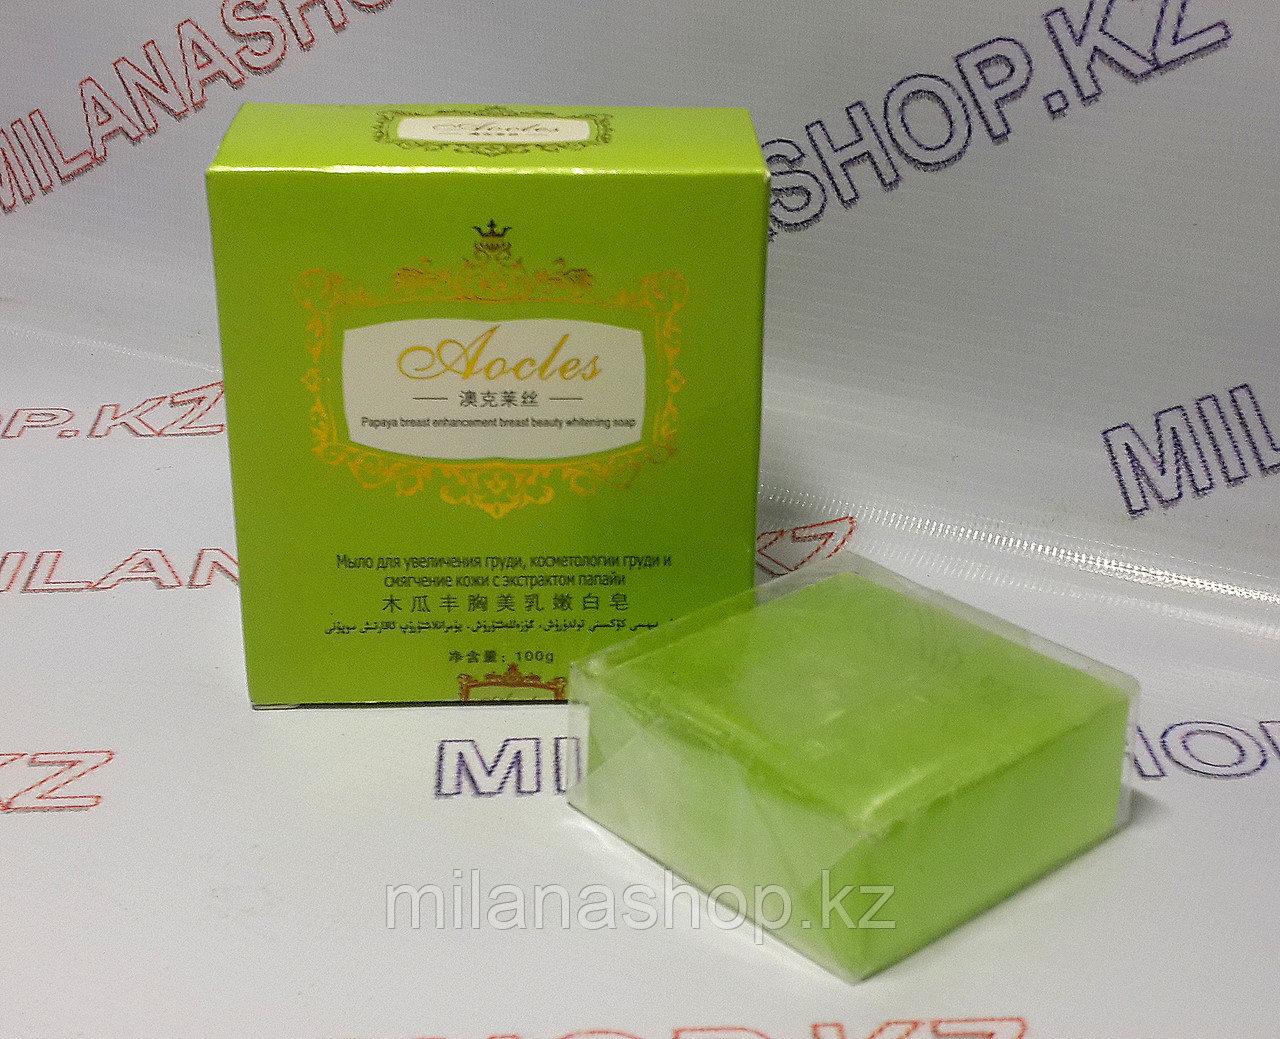 Лечебное мыло для увеличения груди, косметологии груди  и смягчения кожи папаи Aocles